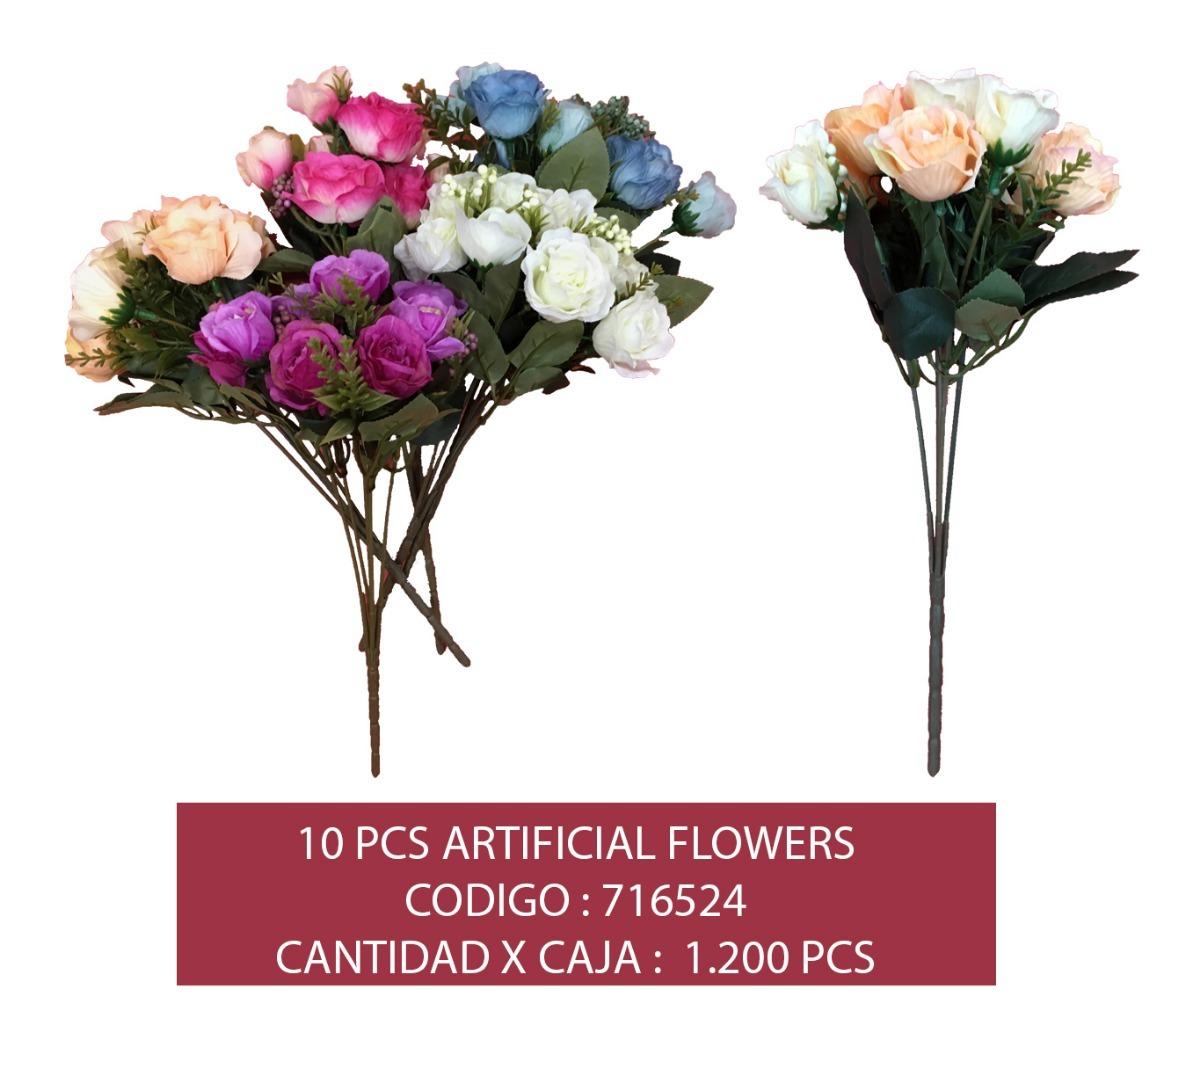 Exclusivas Flores Artificiales Para Decorar 2 000 En Mercado Libre